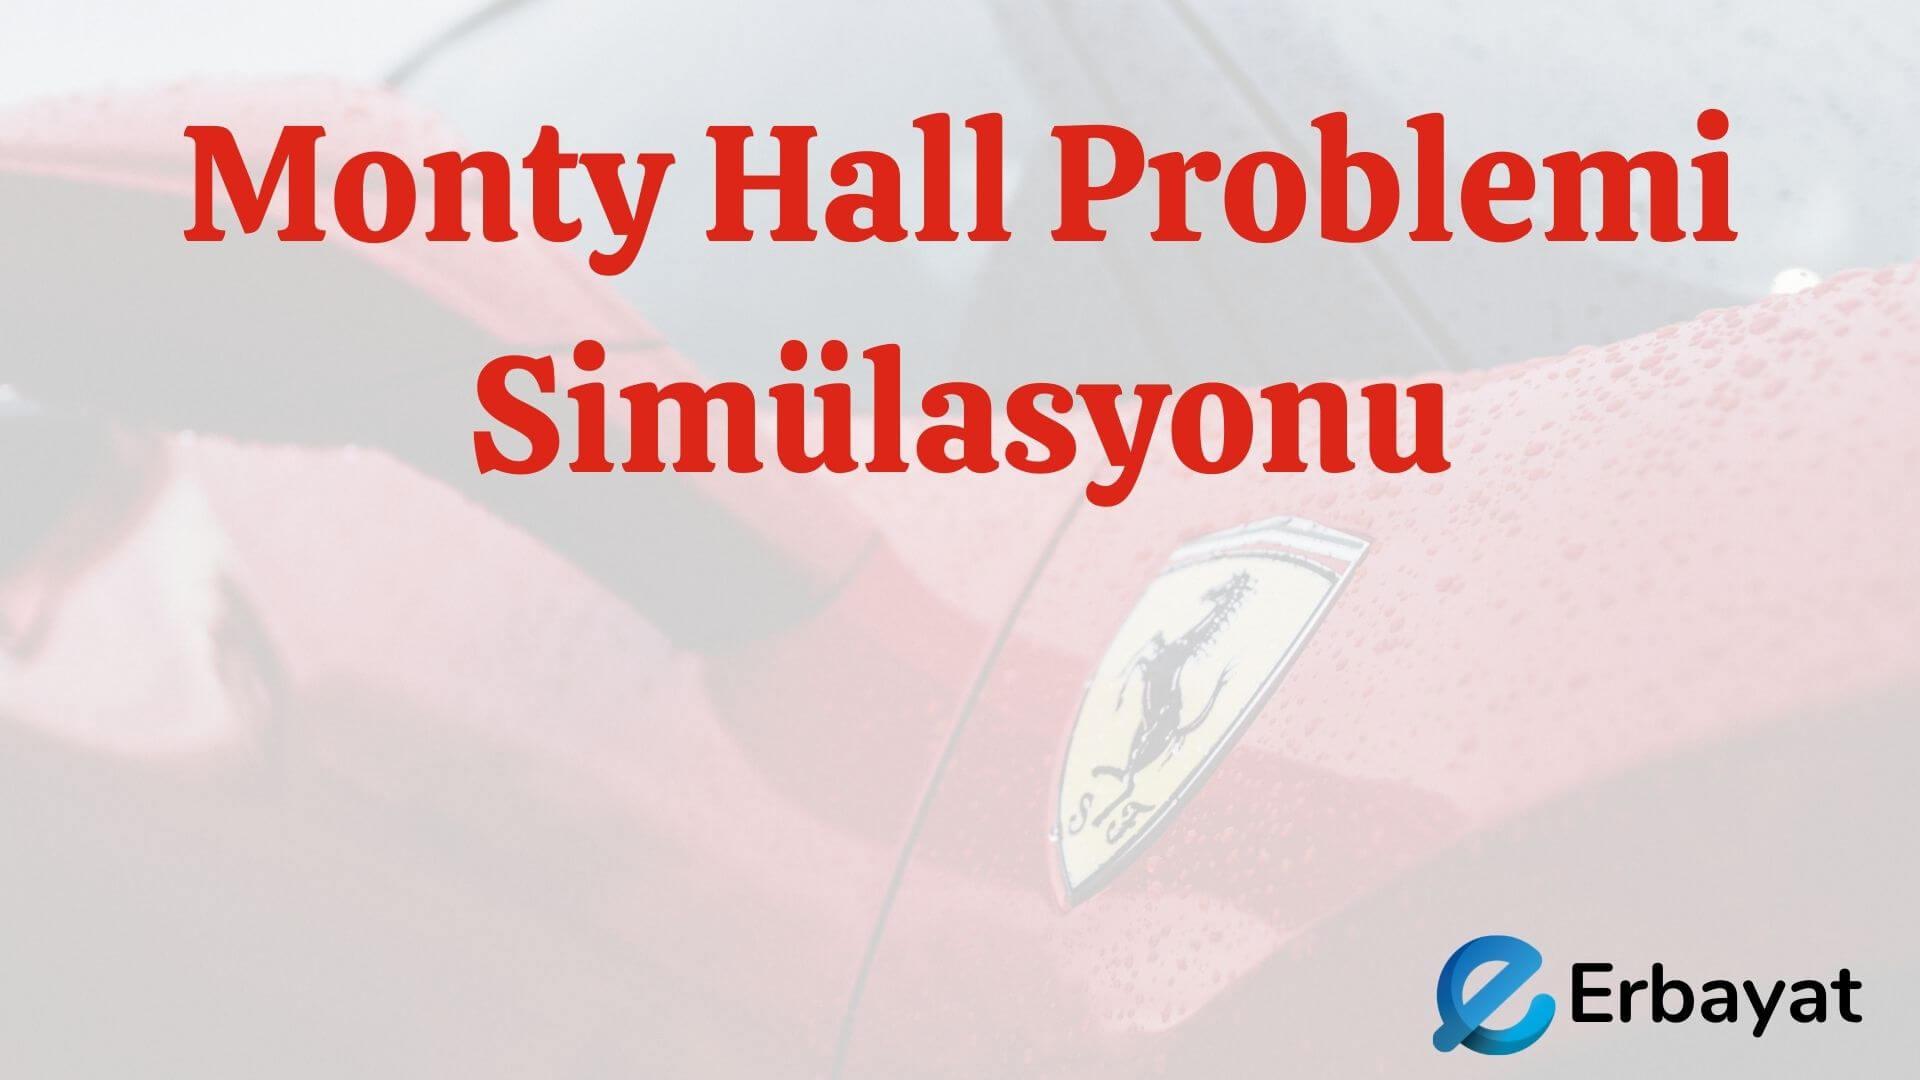 Monty Hall Problemi Simülasyonu